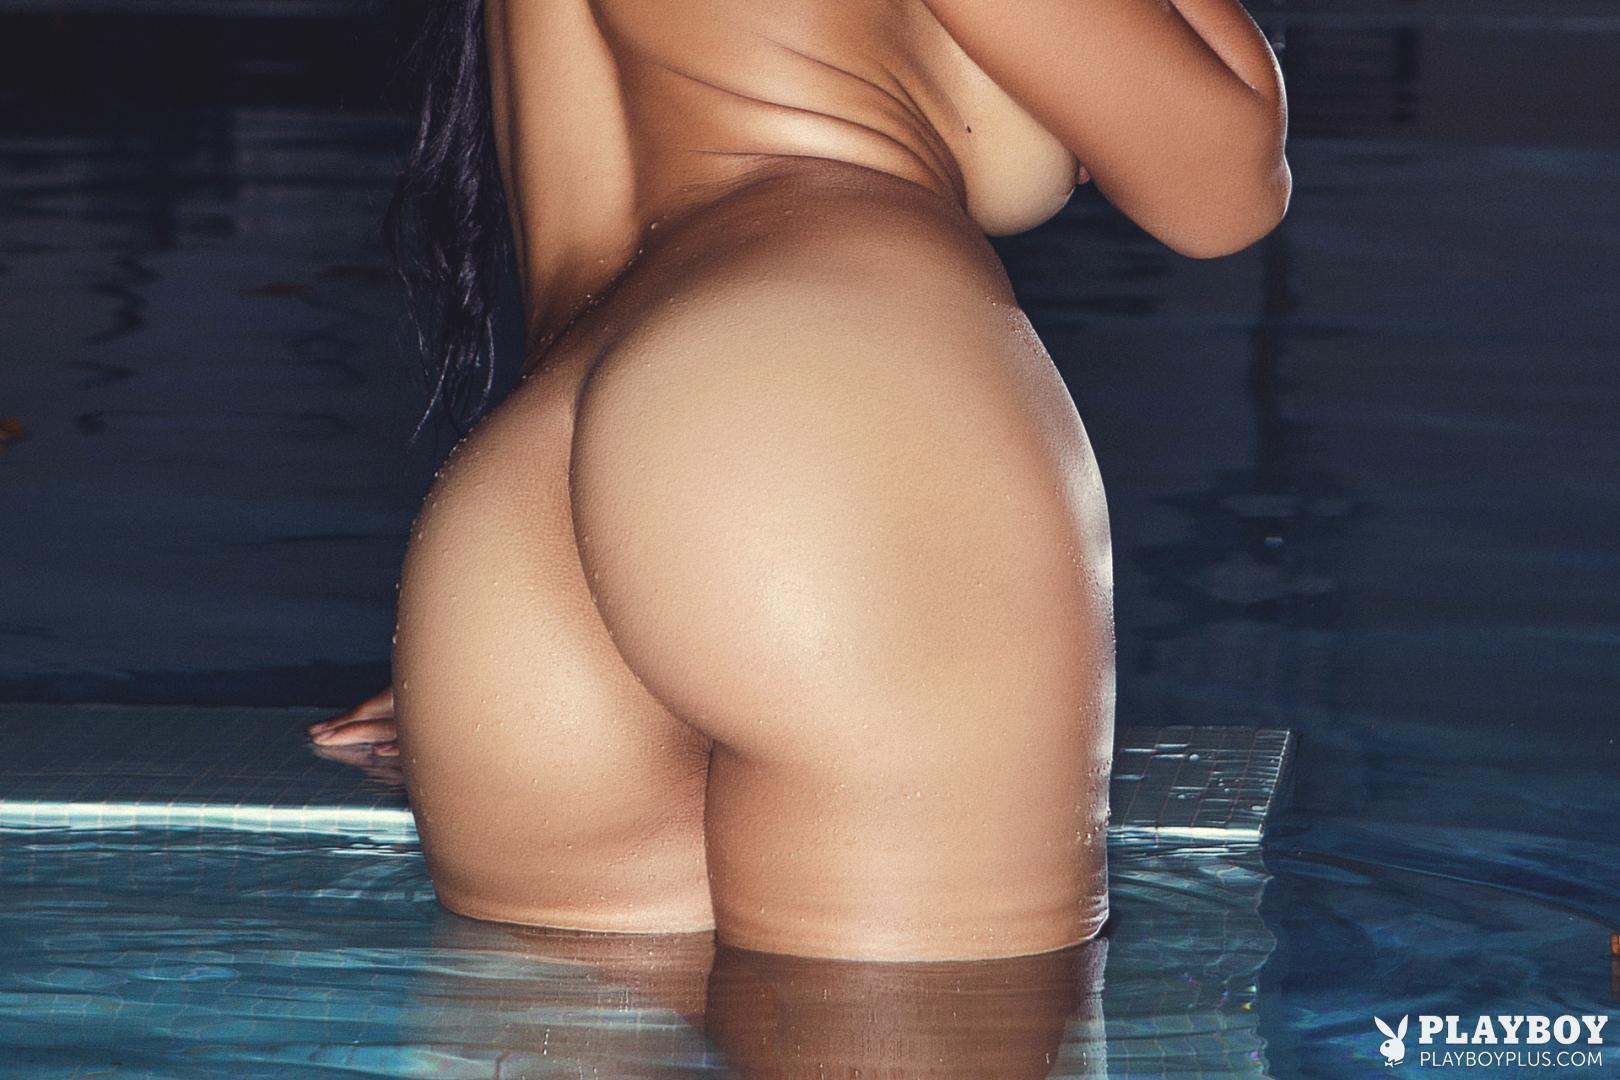 nude Miranda nicole playboy